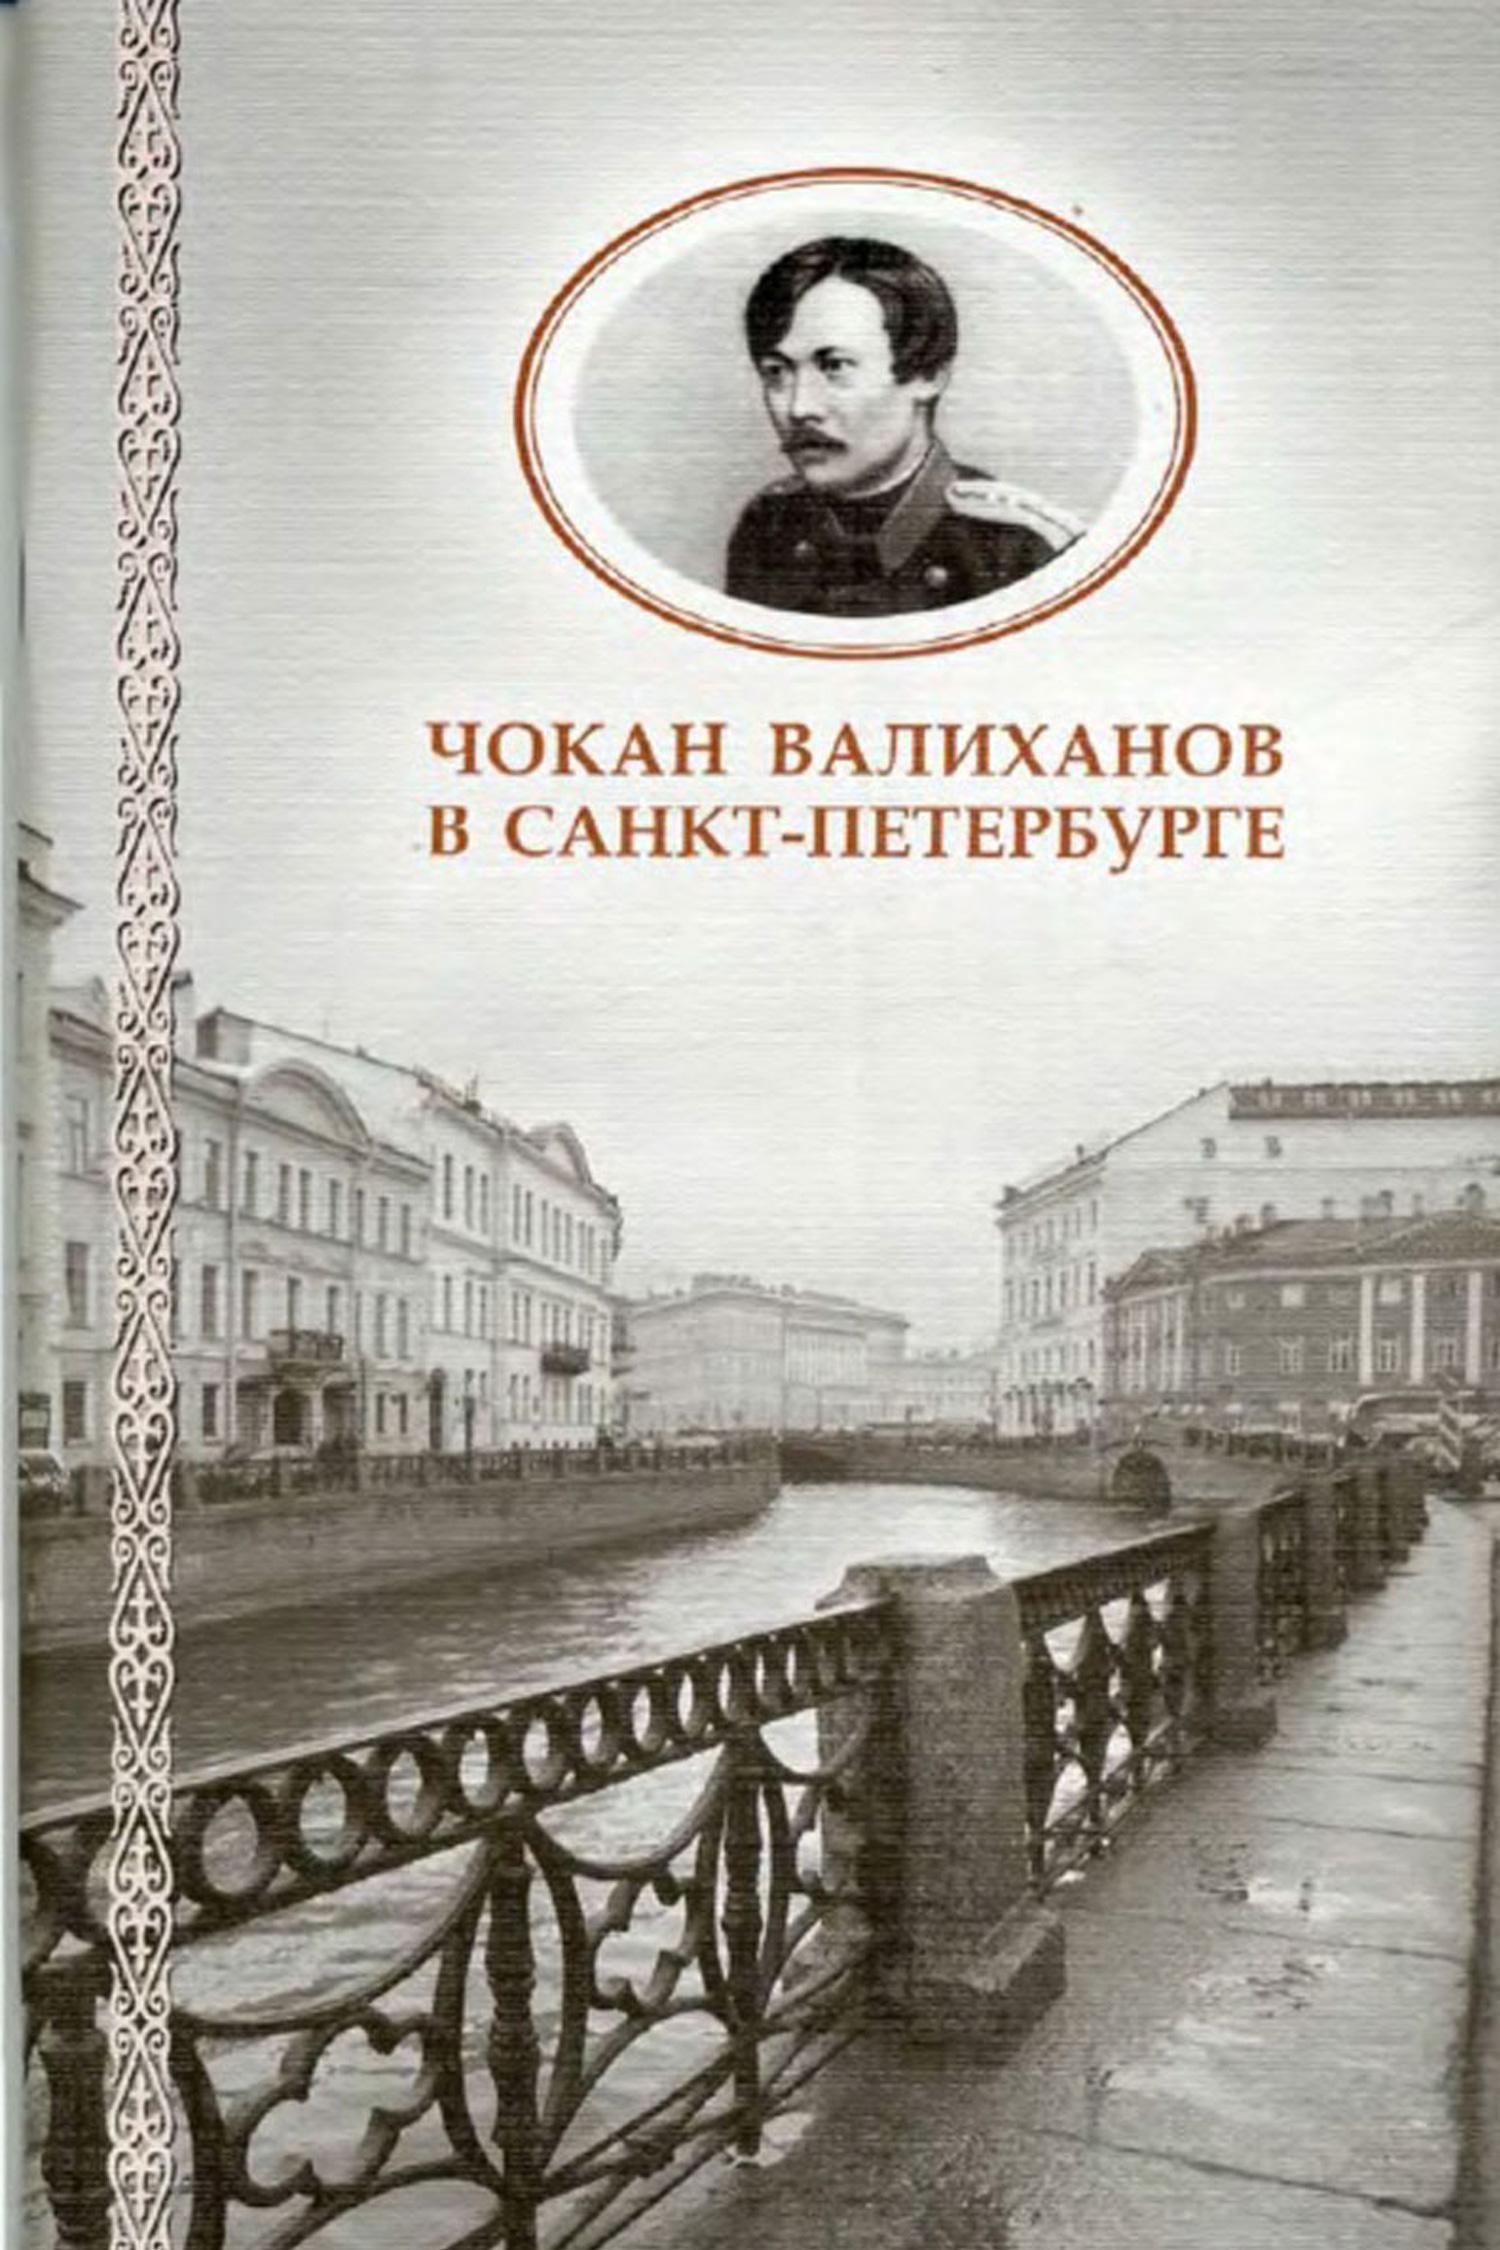 Макбал Мусина, Борис Тихомиров. «Чокан Валиханов в Санкт-Петербурге»